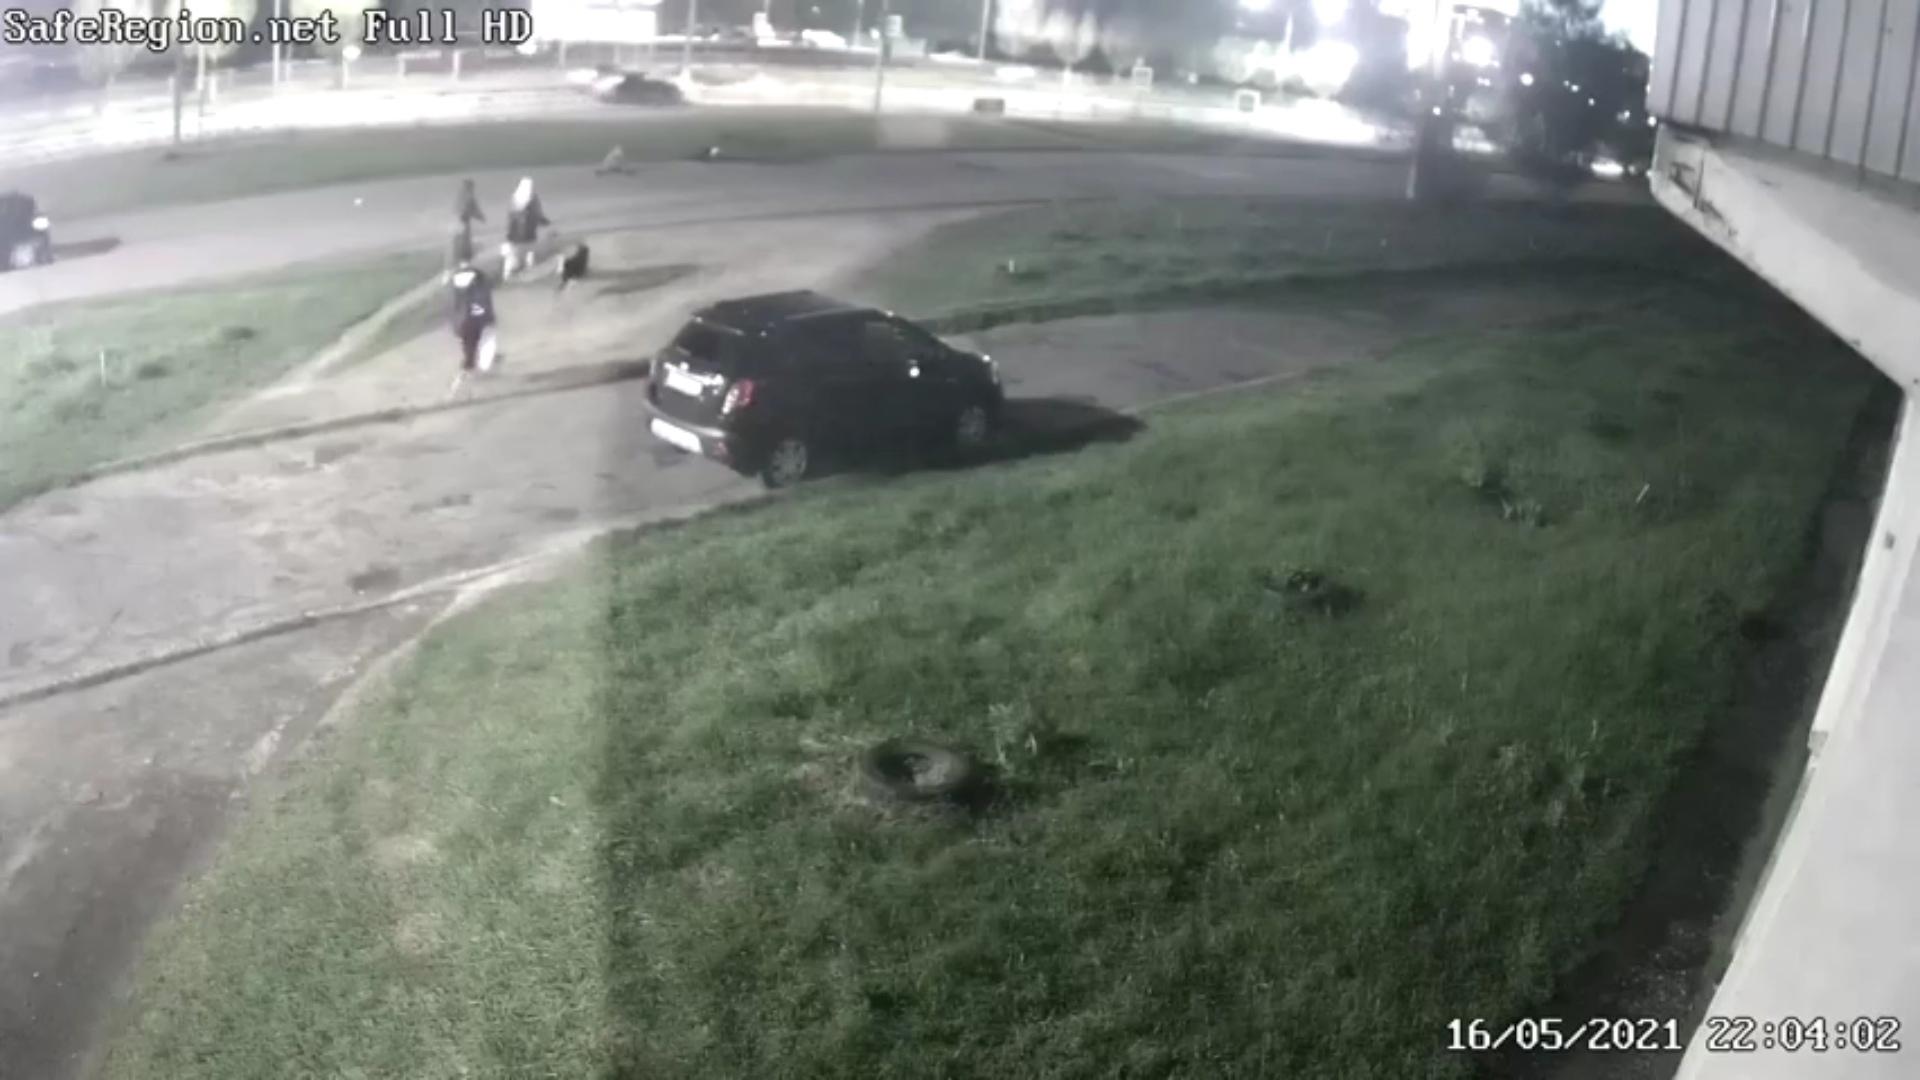 Полиция нашла водителя, сбившего двух молодых людей на проспекте Фрунзе в Ярославле